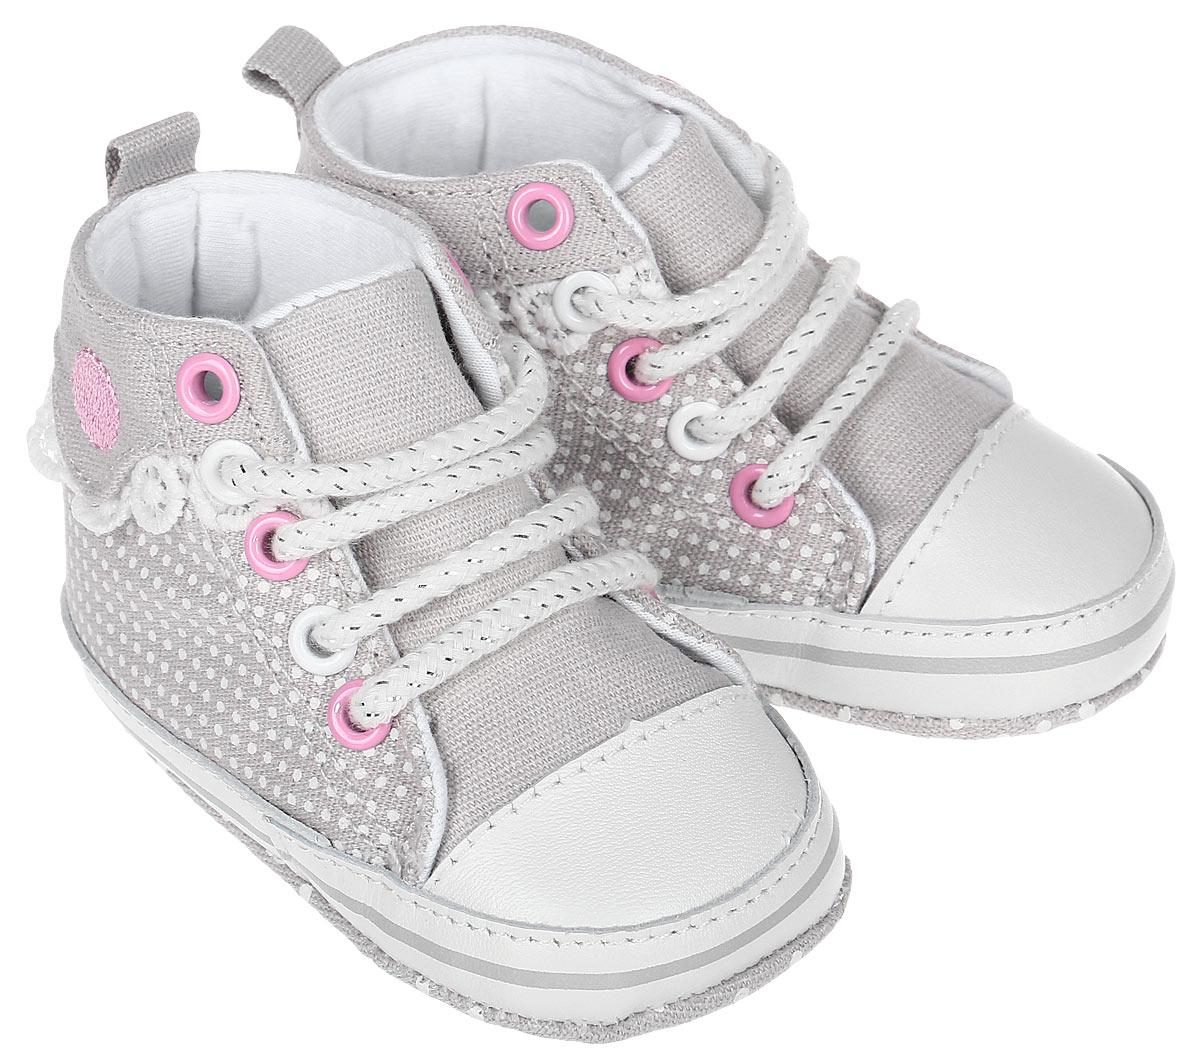 Пинетки для девочки Kapika, цвет: светло-серый, белый, розовый. 10120. Размер 1810120Стильные и модные пинетки для девочки Kapika великолепно дополнят наряд маленькой модницы. В них ваша малышка будет чувствовать себя комфортно и непринужденно. Пинетки выполнены из хлопка, оформленного принтом, с элементами из натуральной кожи. Модель на шнуровке, которая надежно фиксирует пинетки на ножке ребенка и позволяет регулировать их объем. Пинетки декорированы кружевными оборками. Милые, нежные и удобные детские пинетки станут любимой обувью маленькой принцессы.